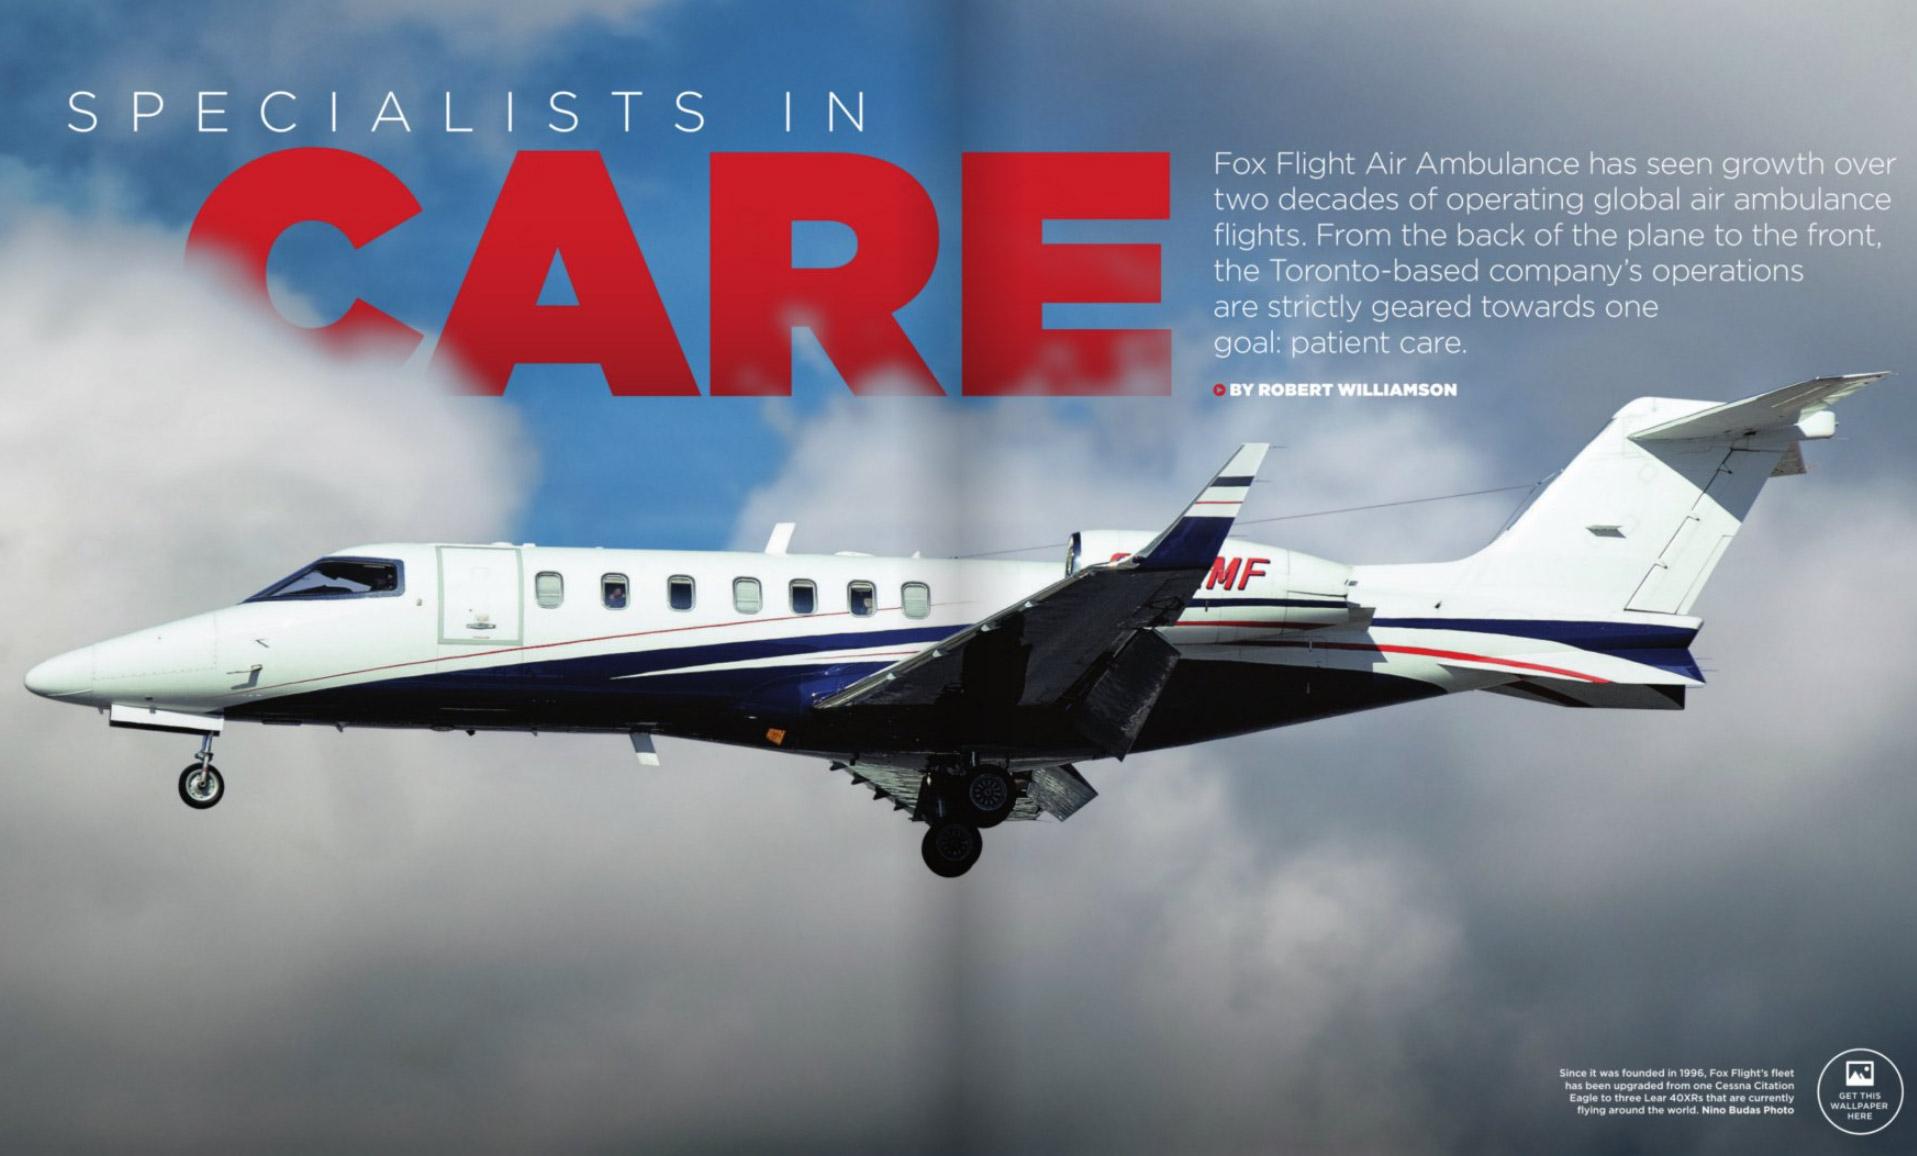 Fox Flight Featured in SKIES Magazine